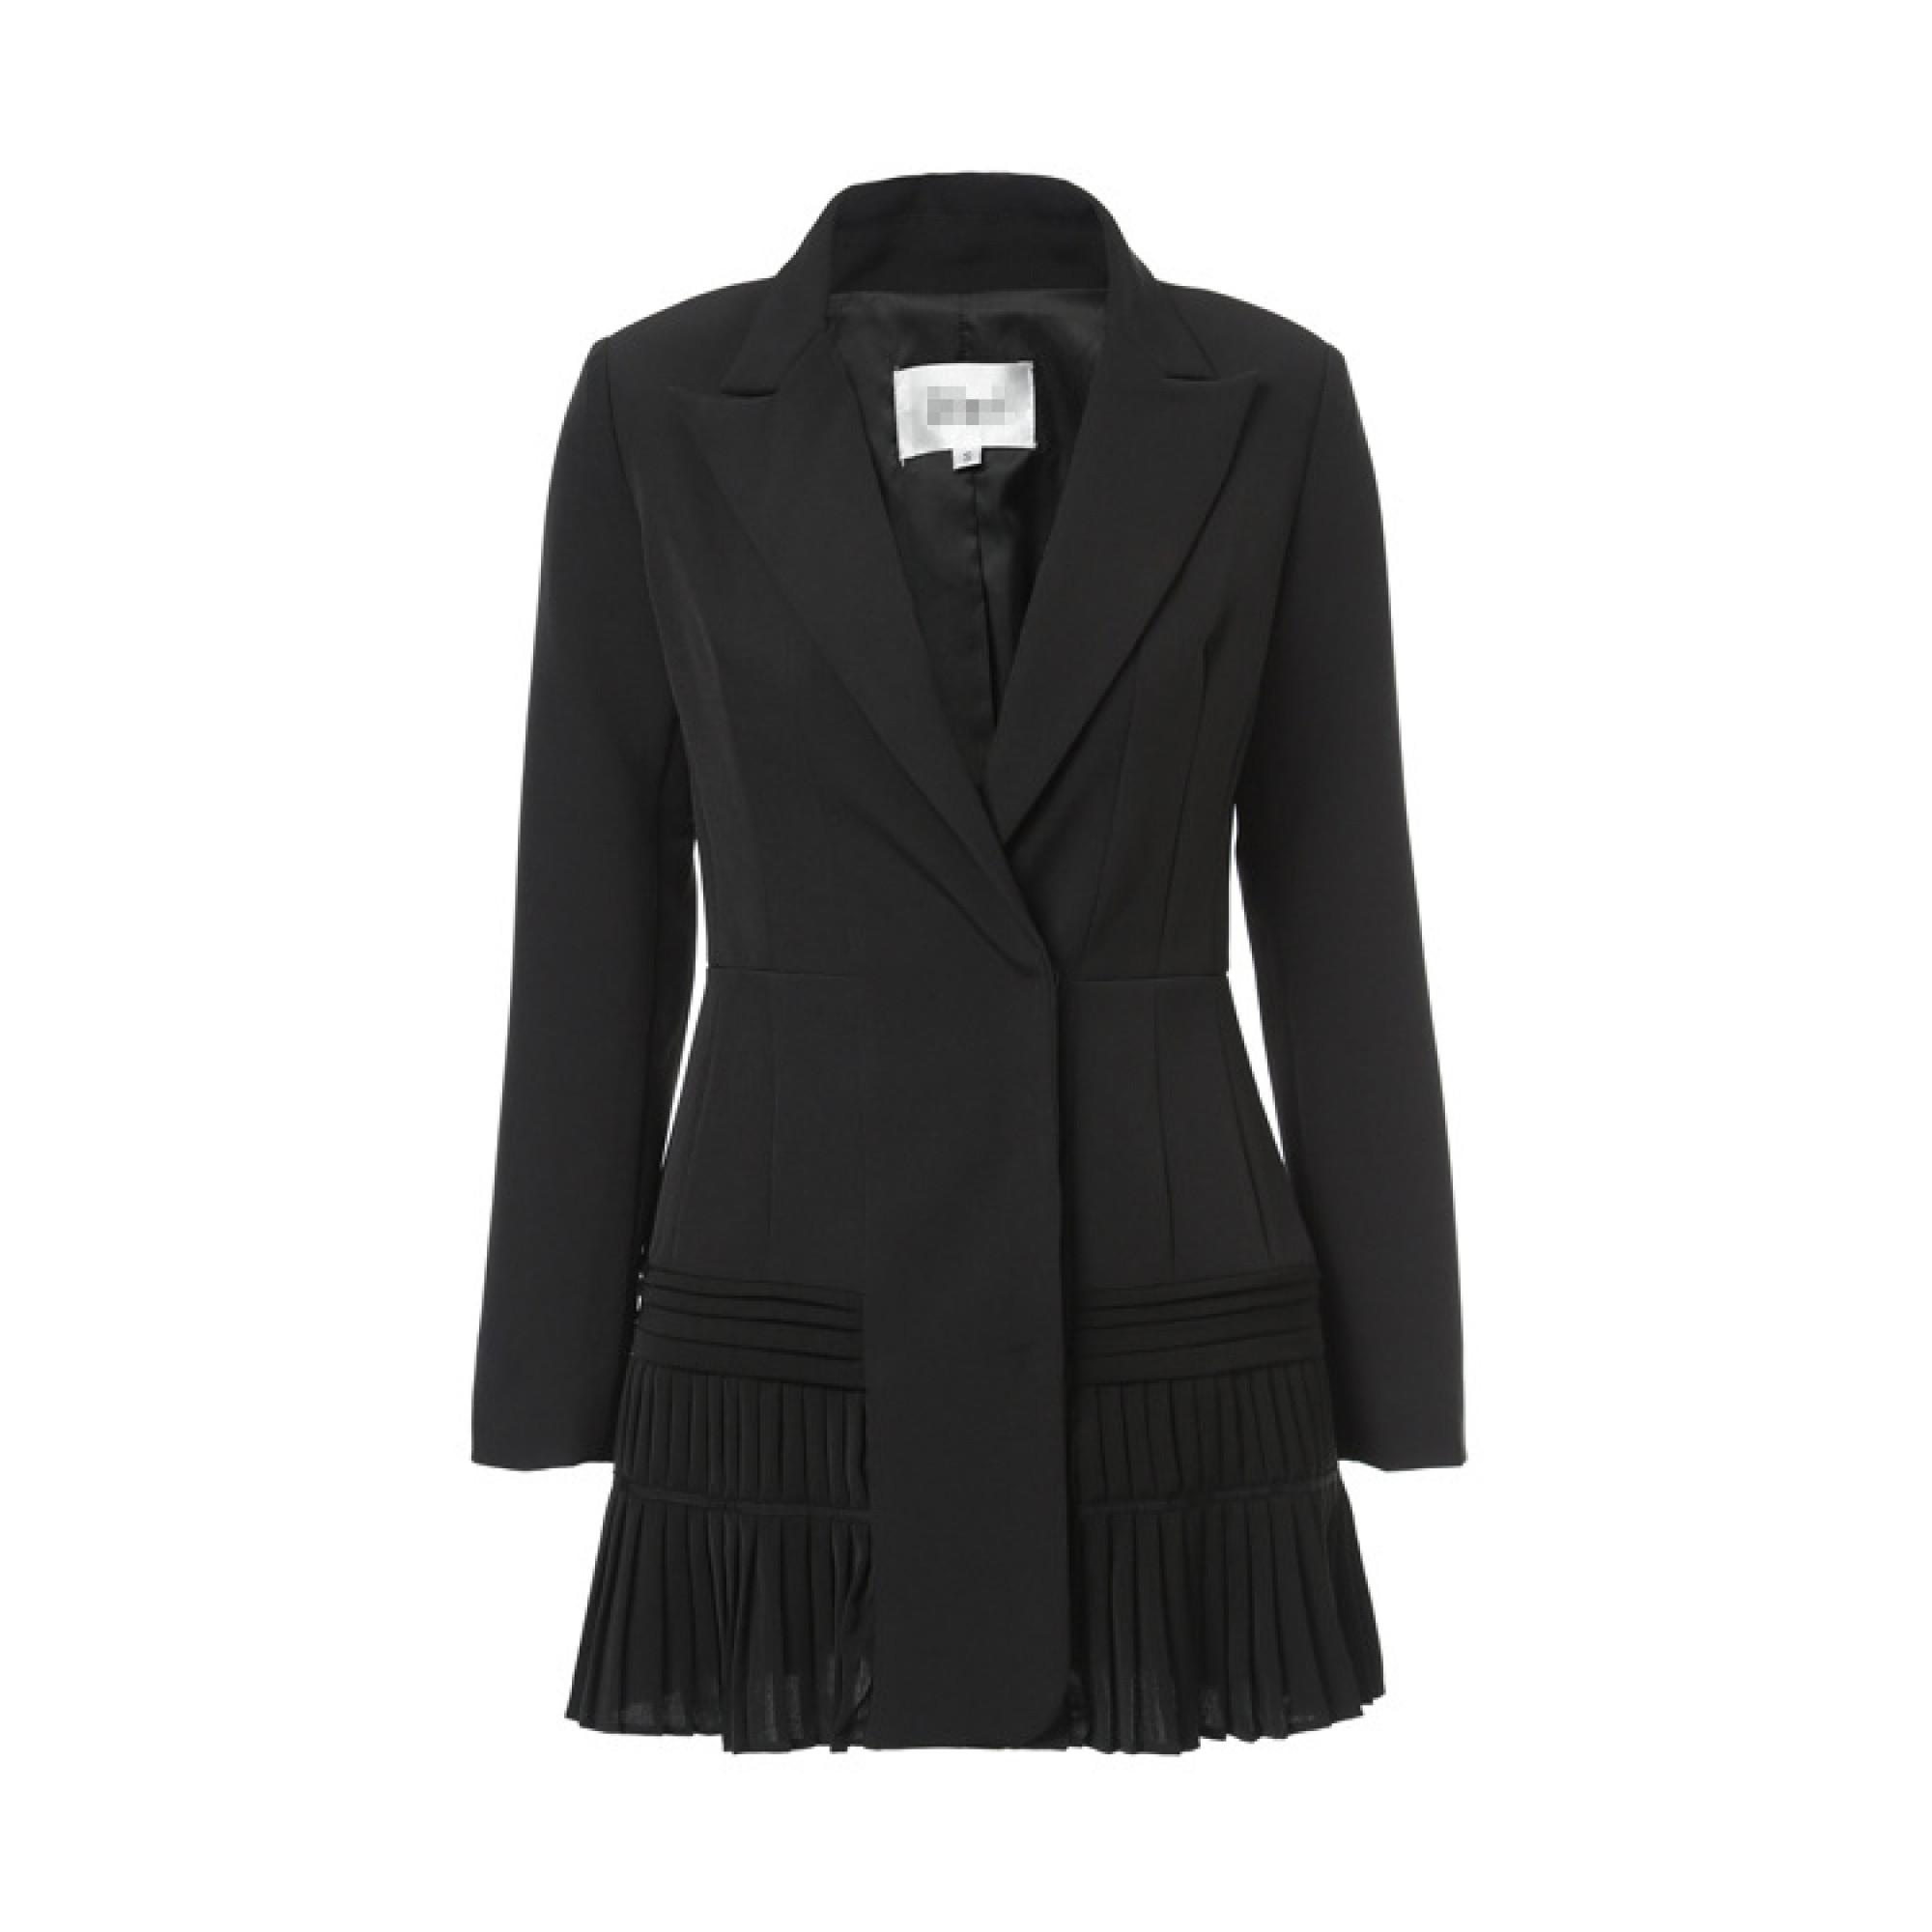 f17b752b21c18 Купить черный женский жакет от Burberry — в Киеве, код товара 28454